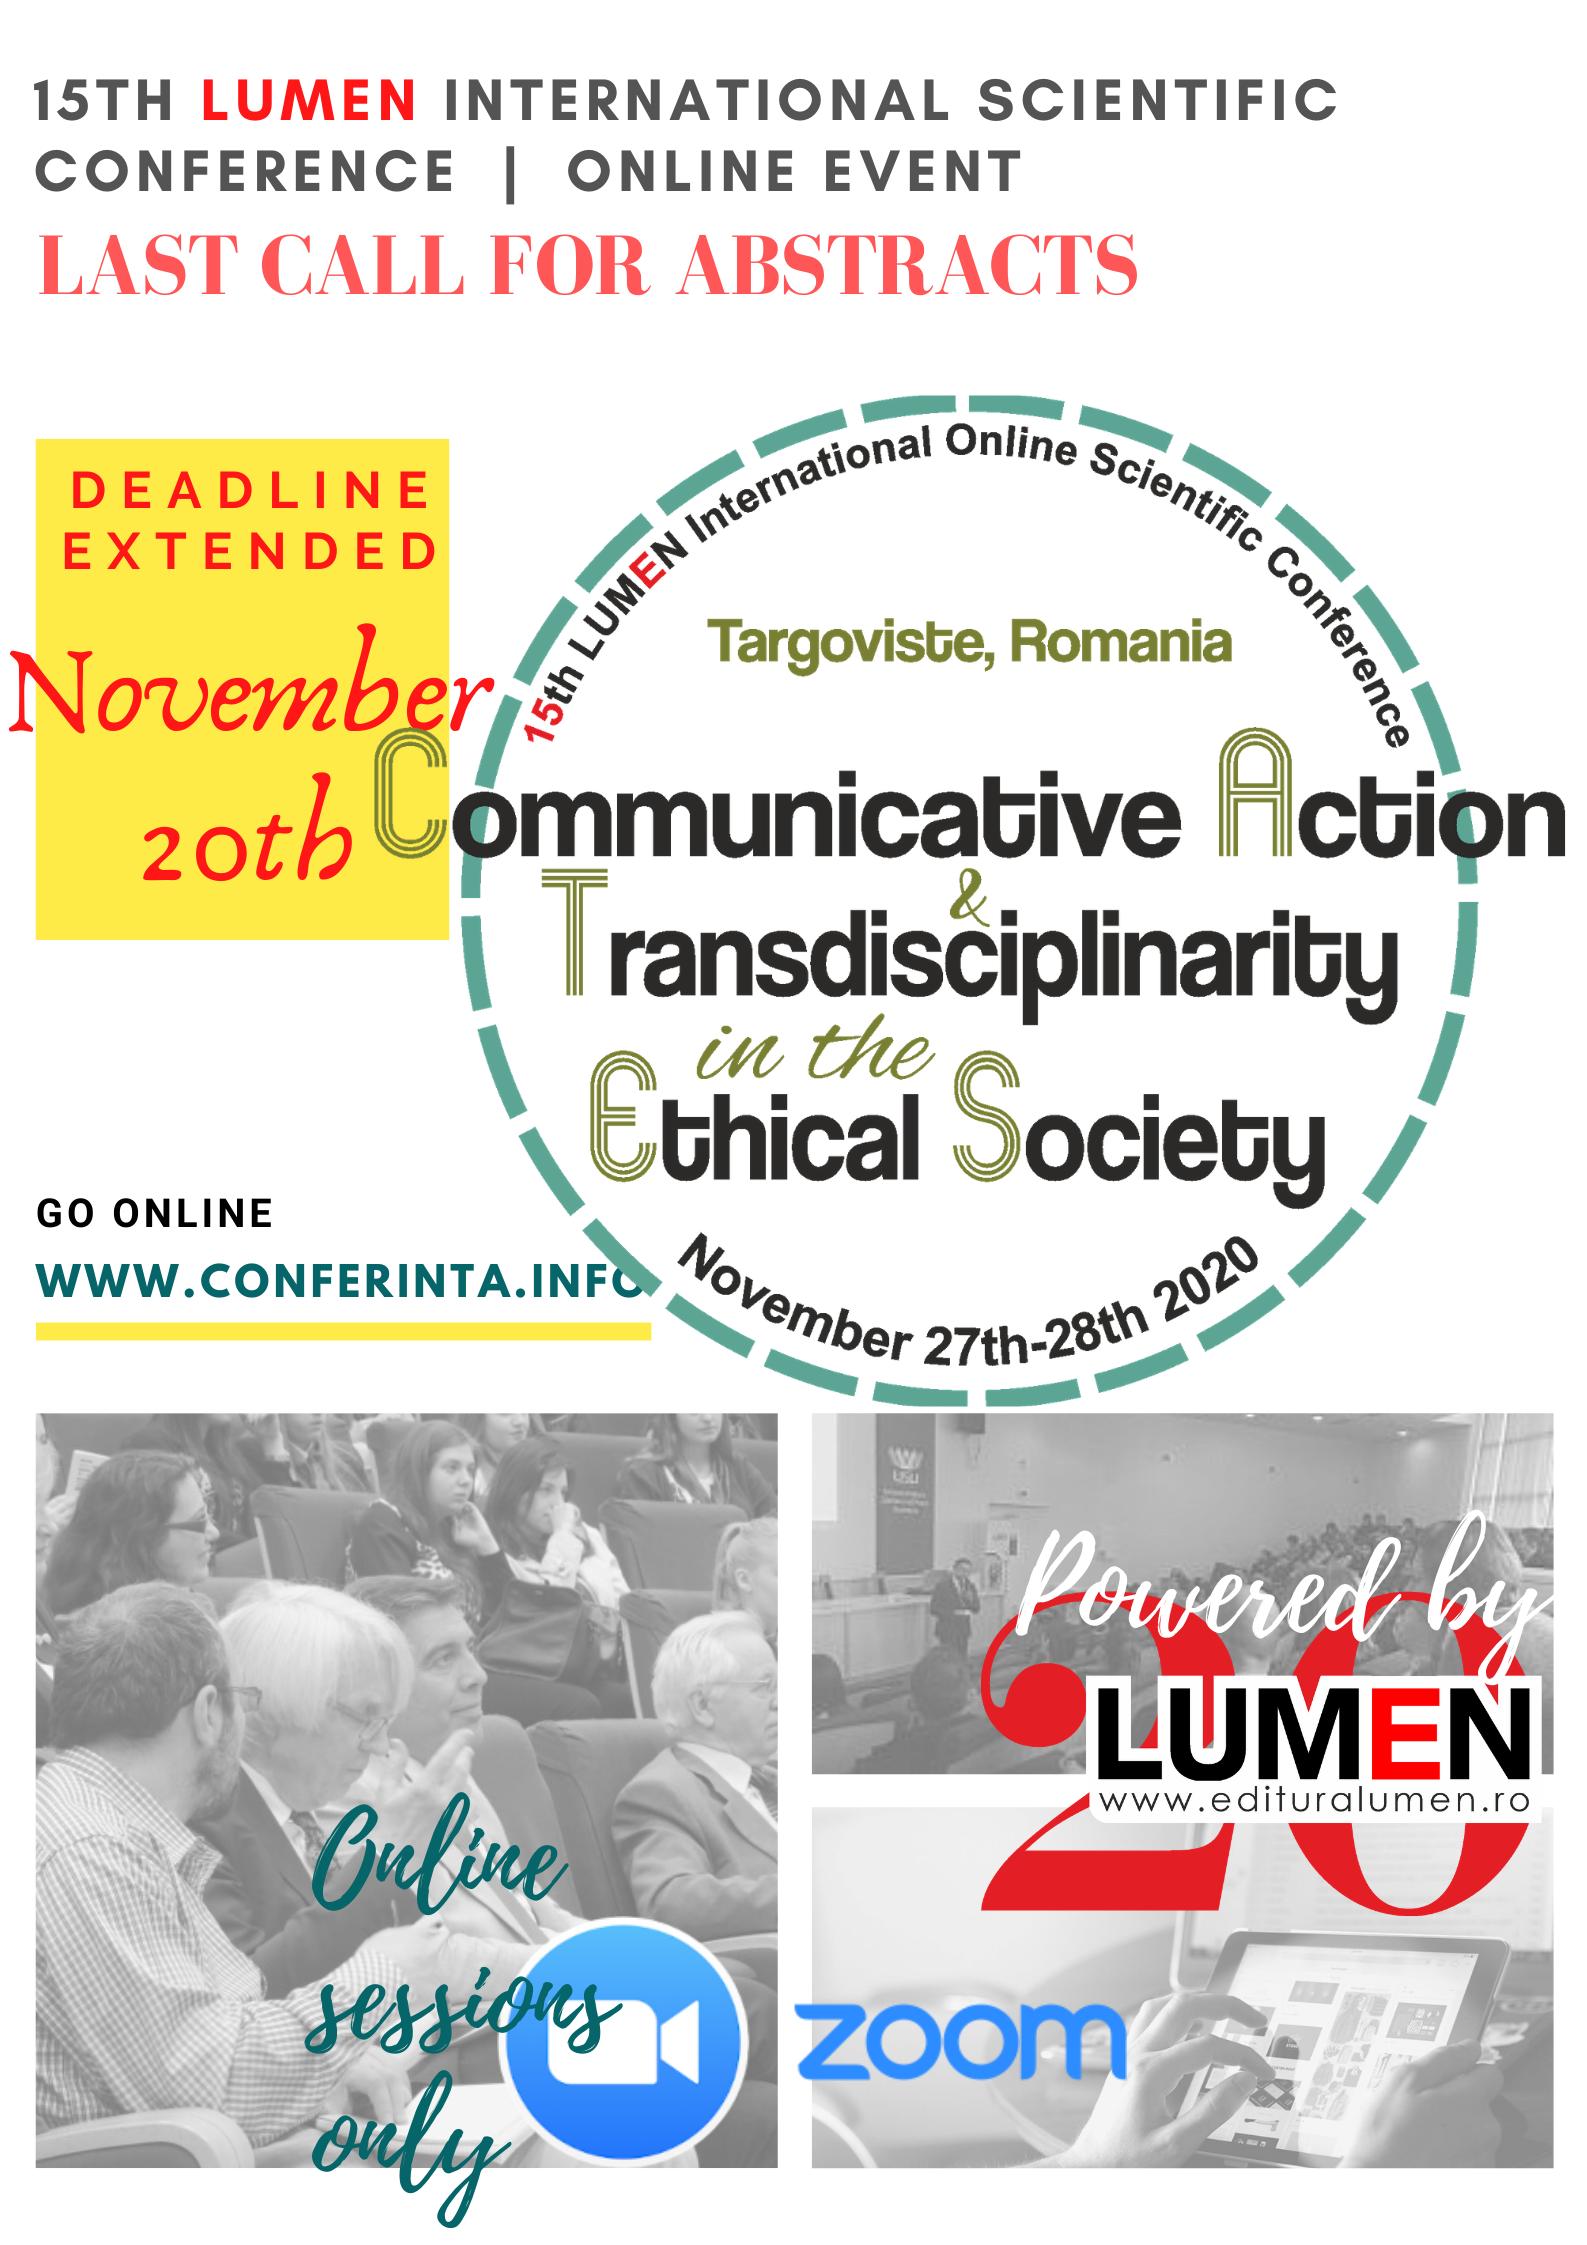 Publish your work with LUMEN d88af0c9 9fbb 4b2c b45b 6f6eecb44b8a